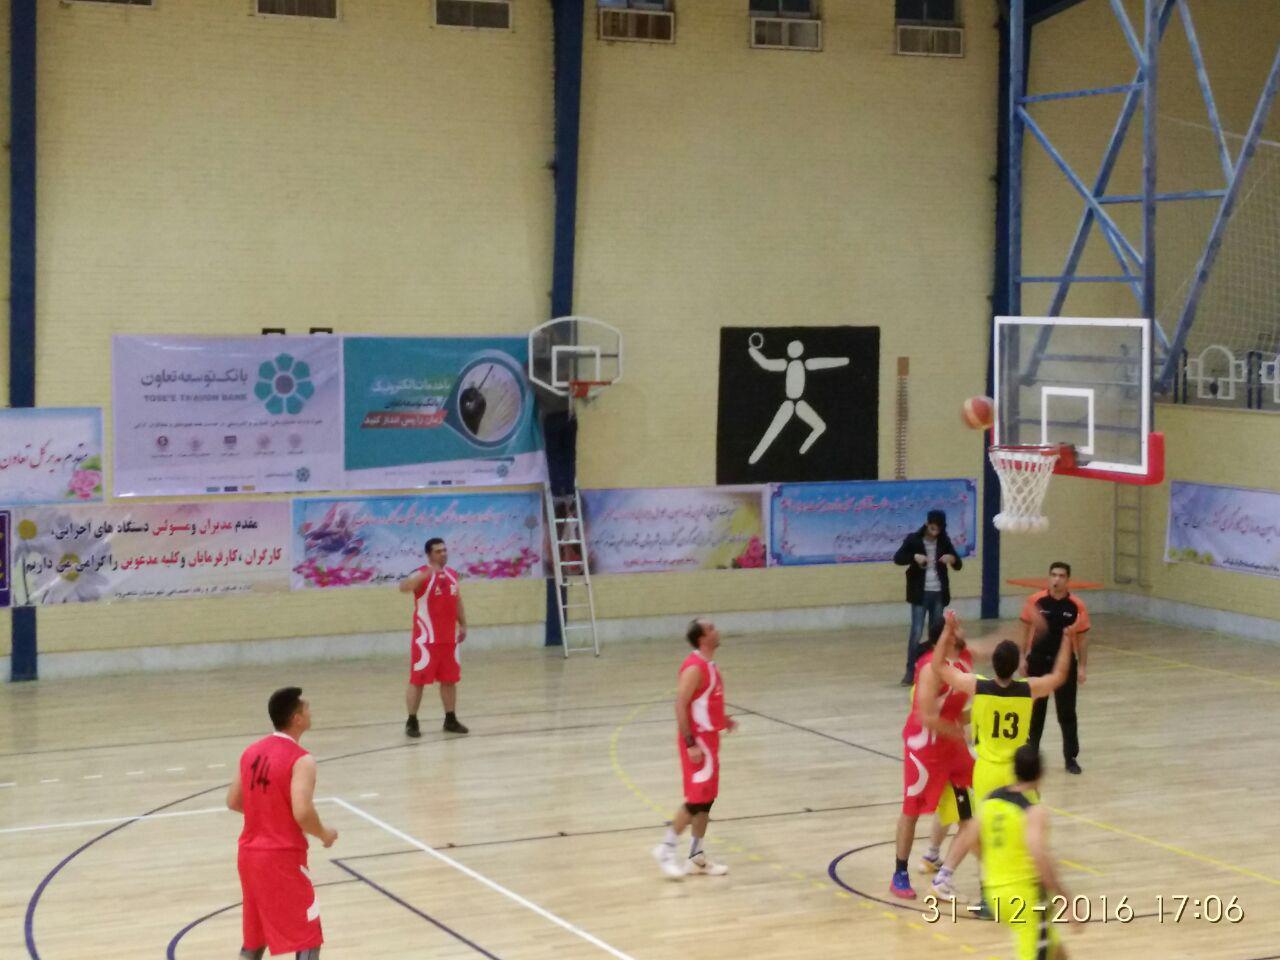 پیشتازی آسمان خراش های یزدی در مسابقات بسکتبال قهرمانی کارگران کشور